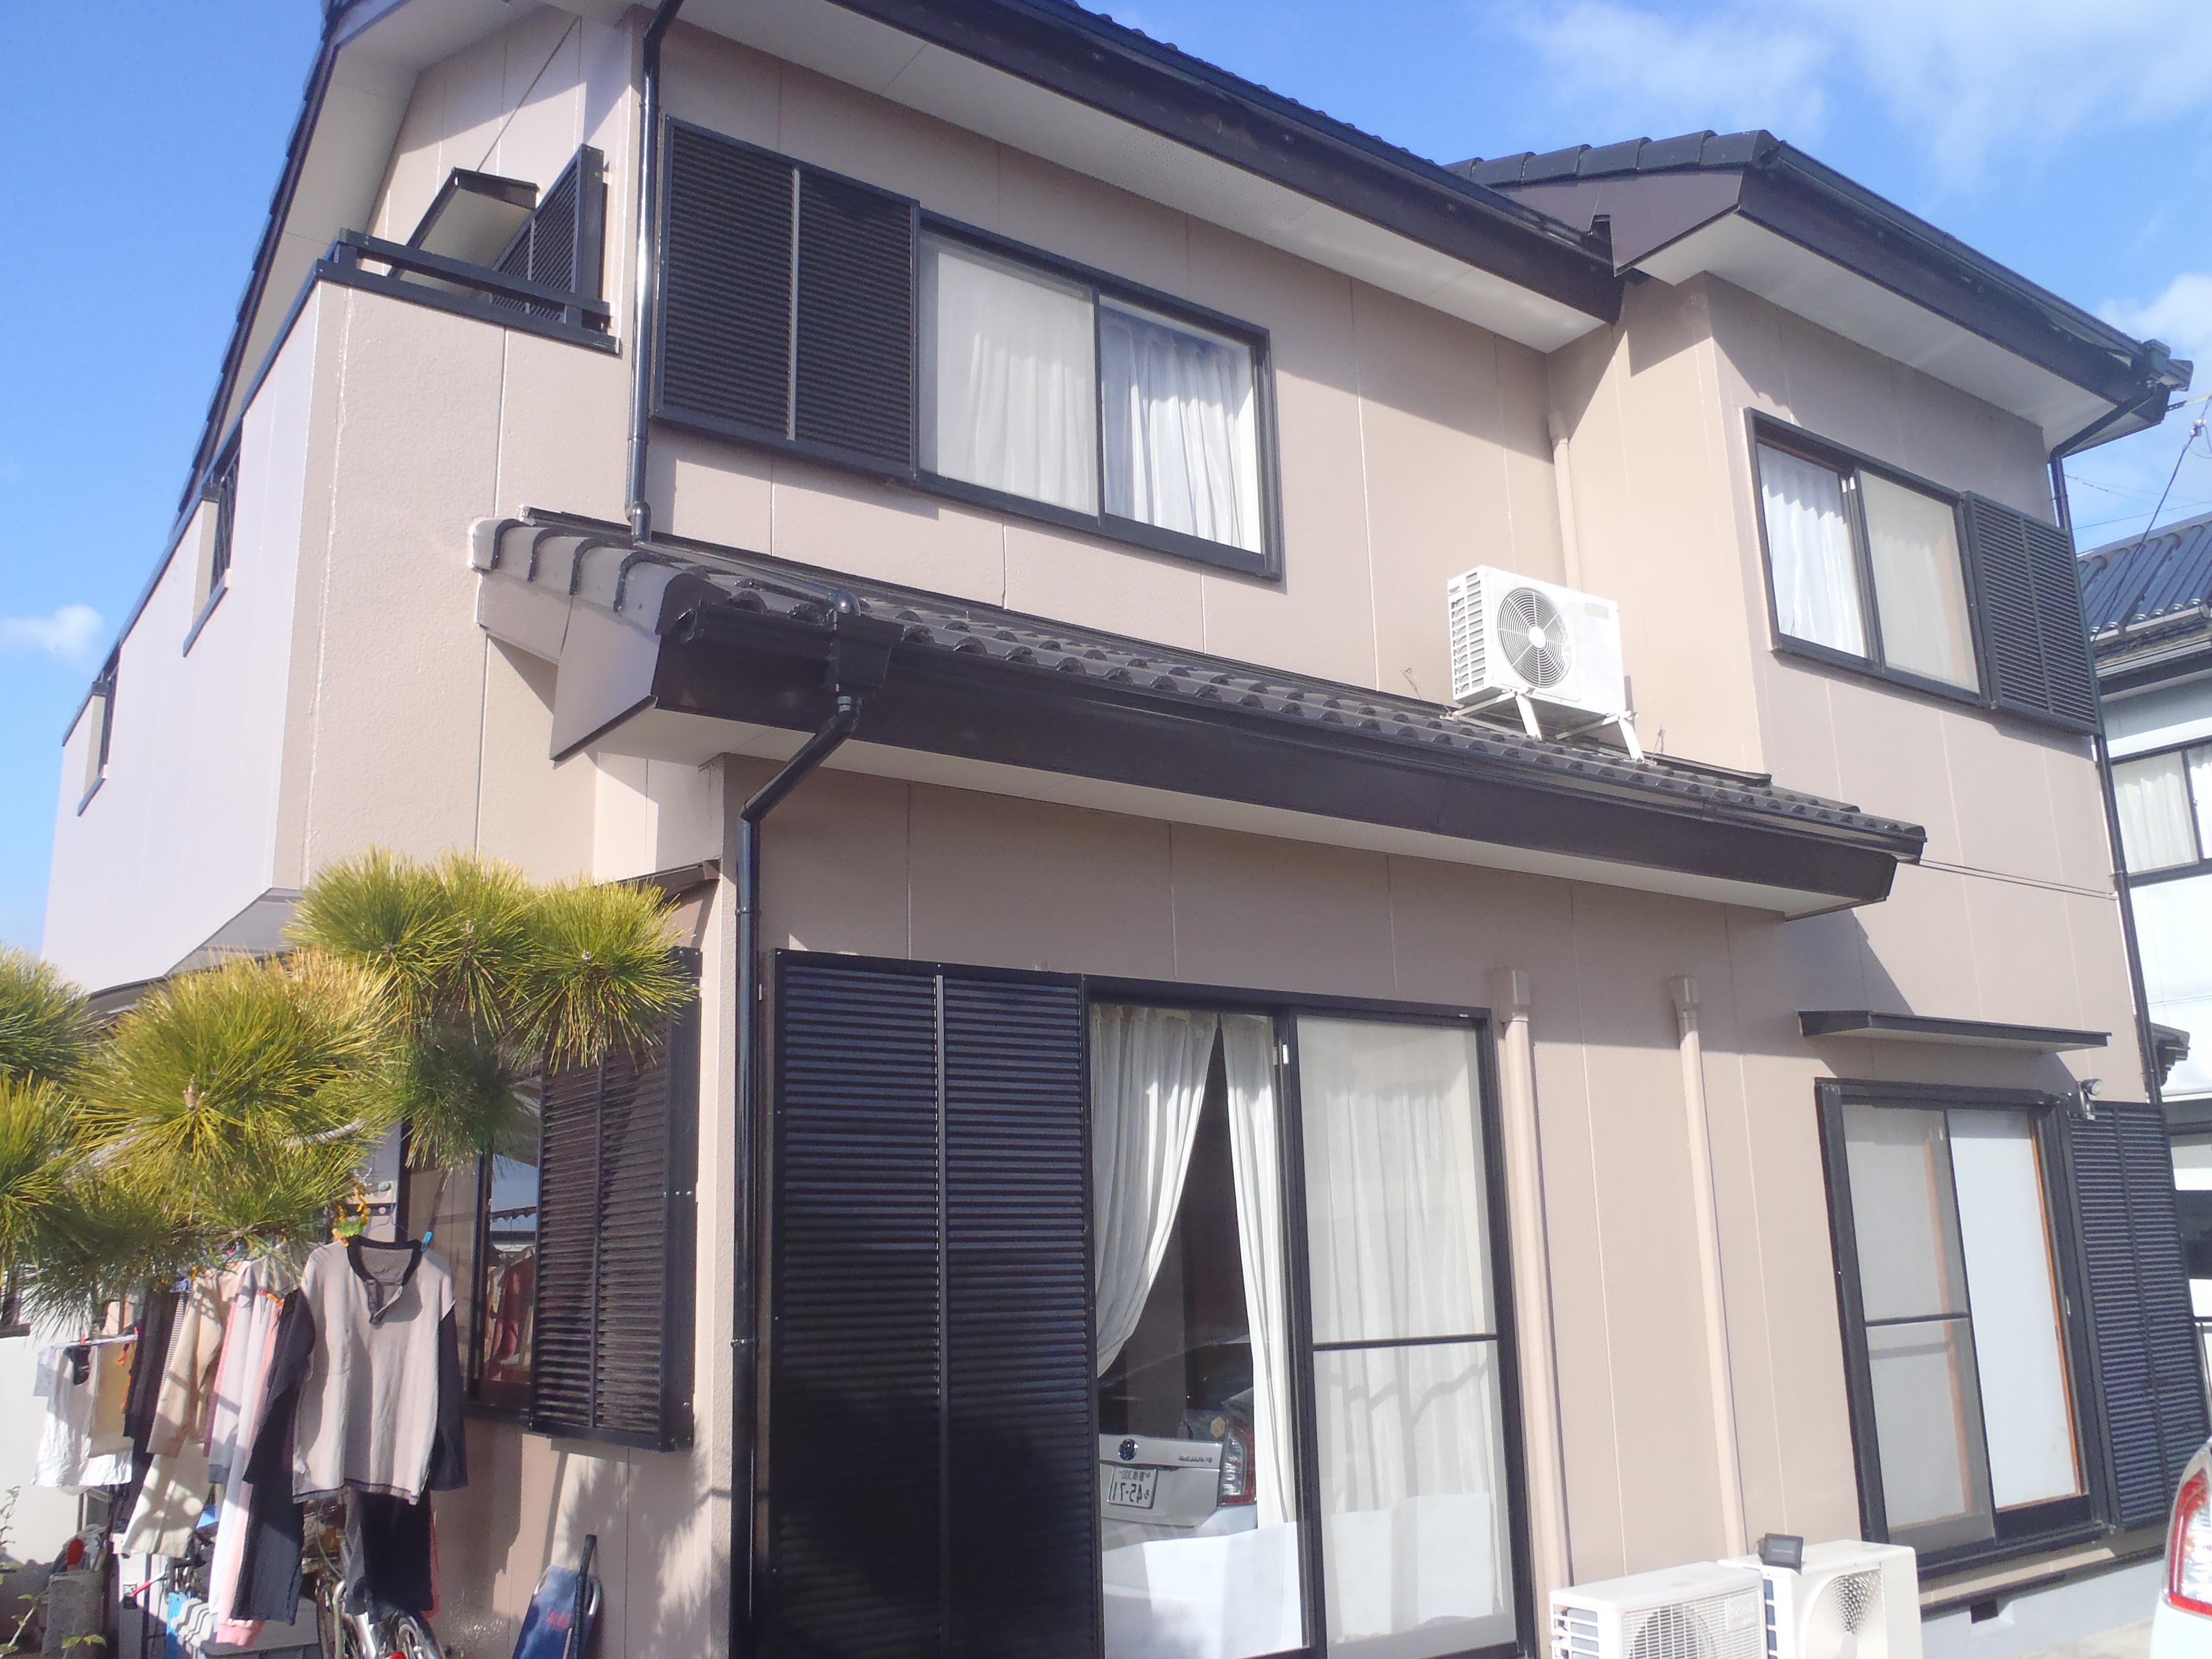 屋根、外壁ともに遮熱の塗料を使用しました。塗装のほかにも、外壁の補修、破風や鼻隠しの鈑金工事なども行い、とてもきれいに仕上がりました!